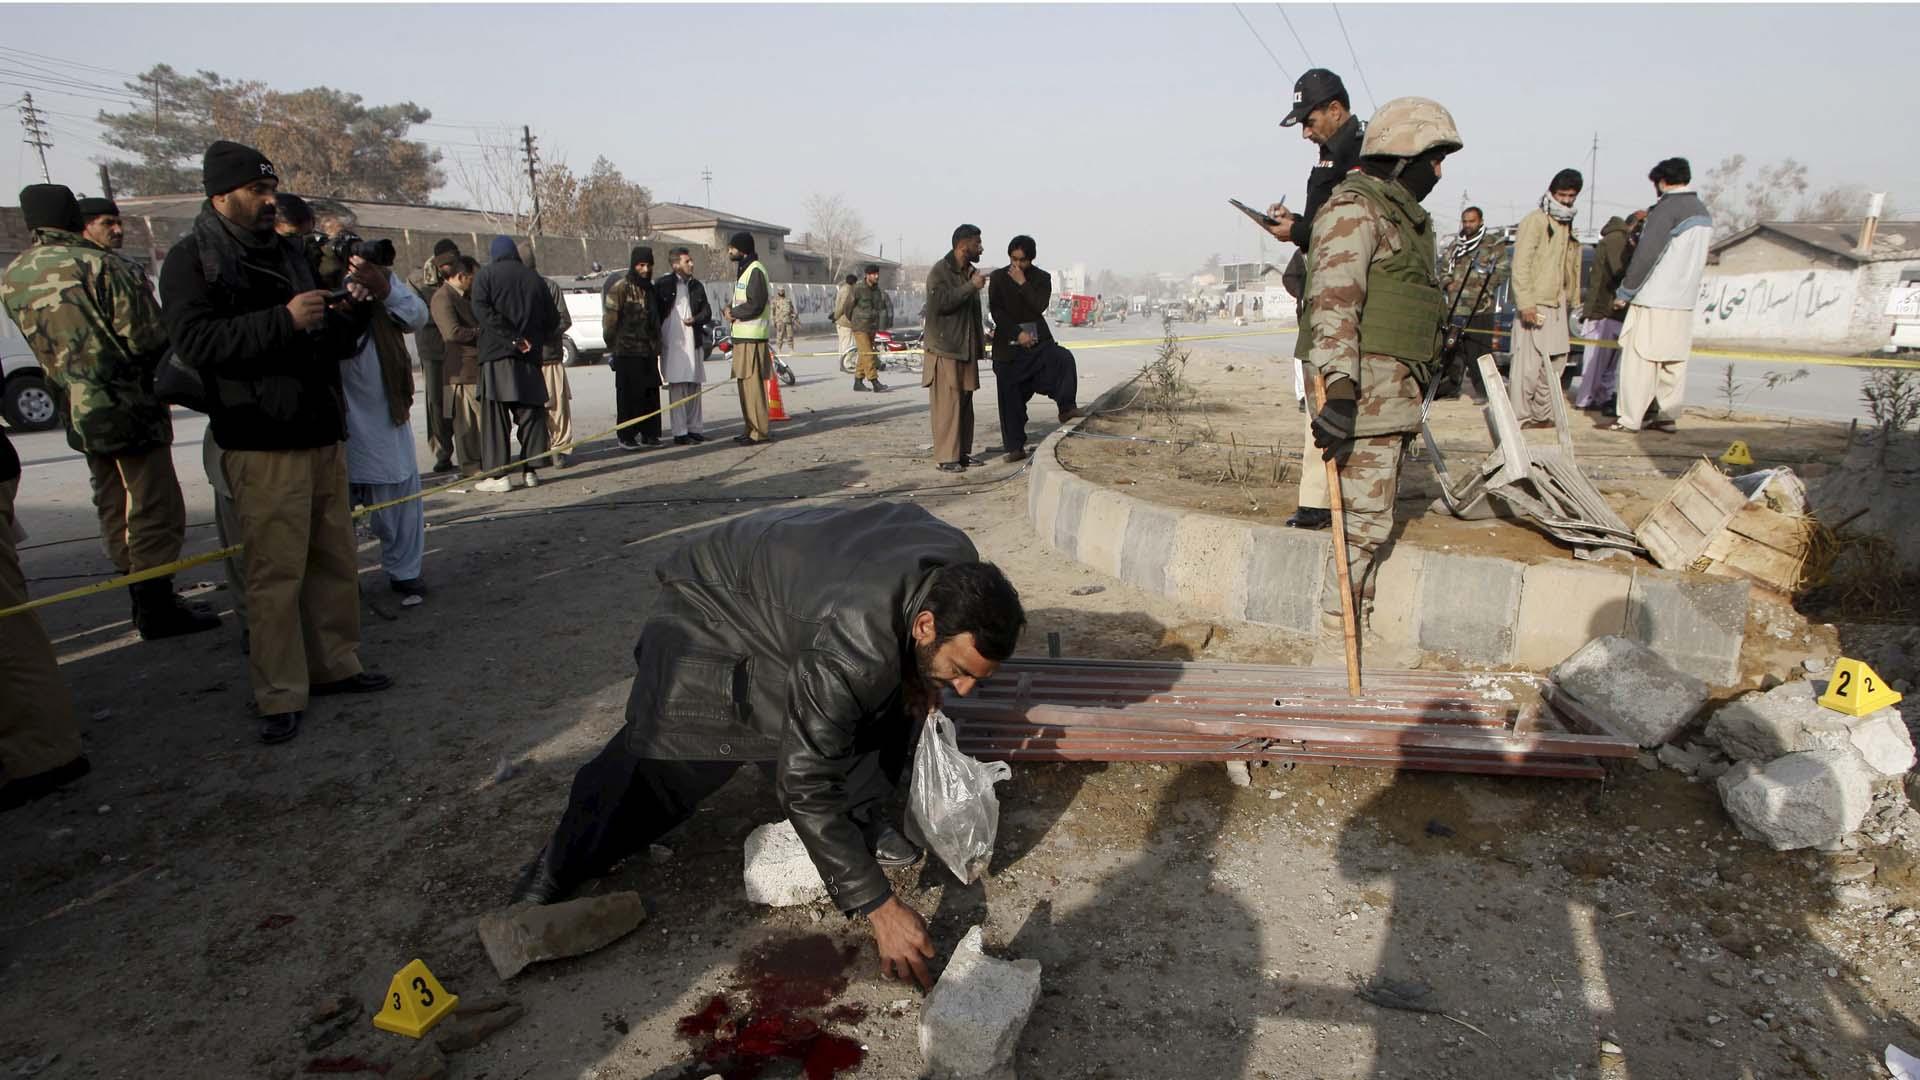 Una bomba explotó cerca de un mercado al noreste del país afectando a más de 50 personas